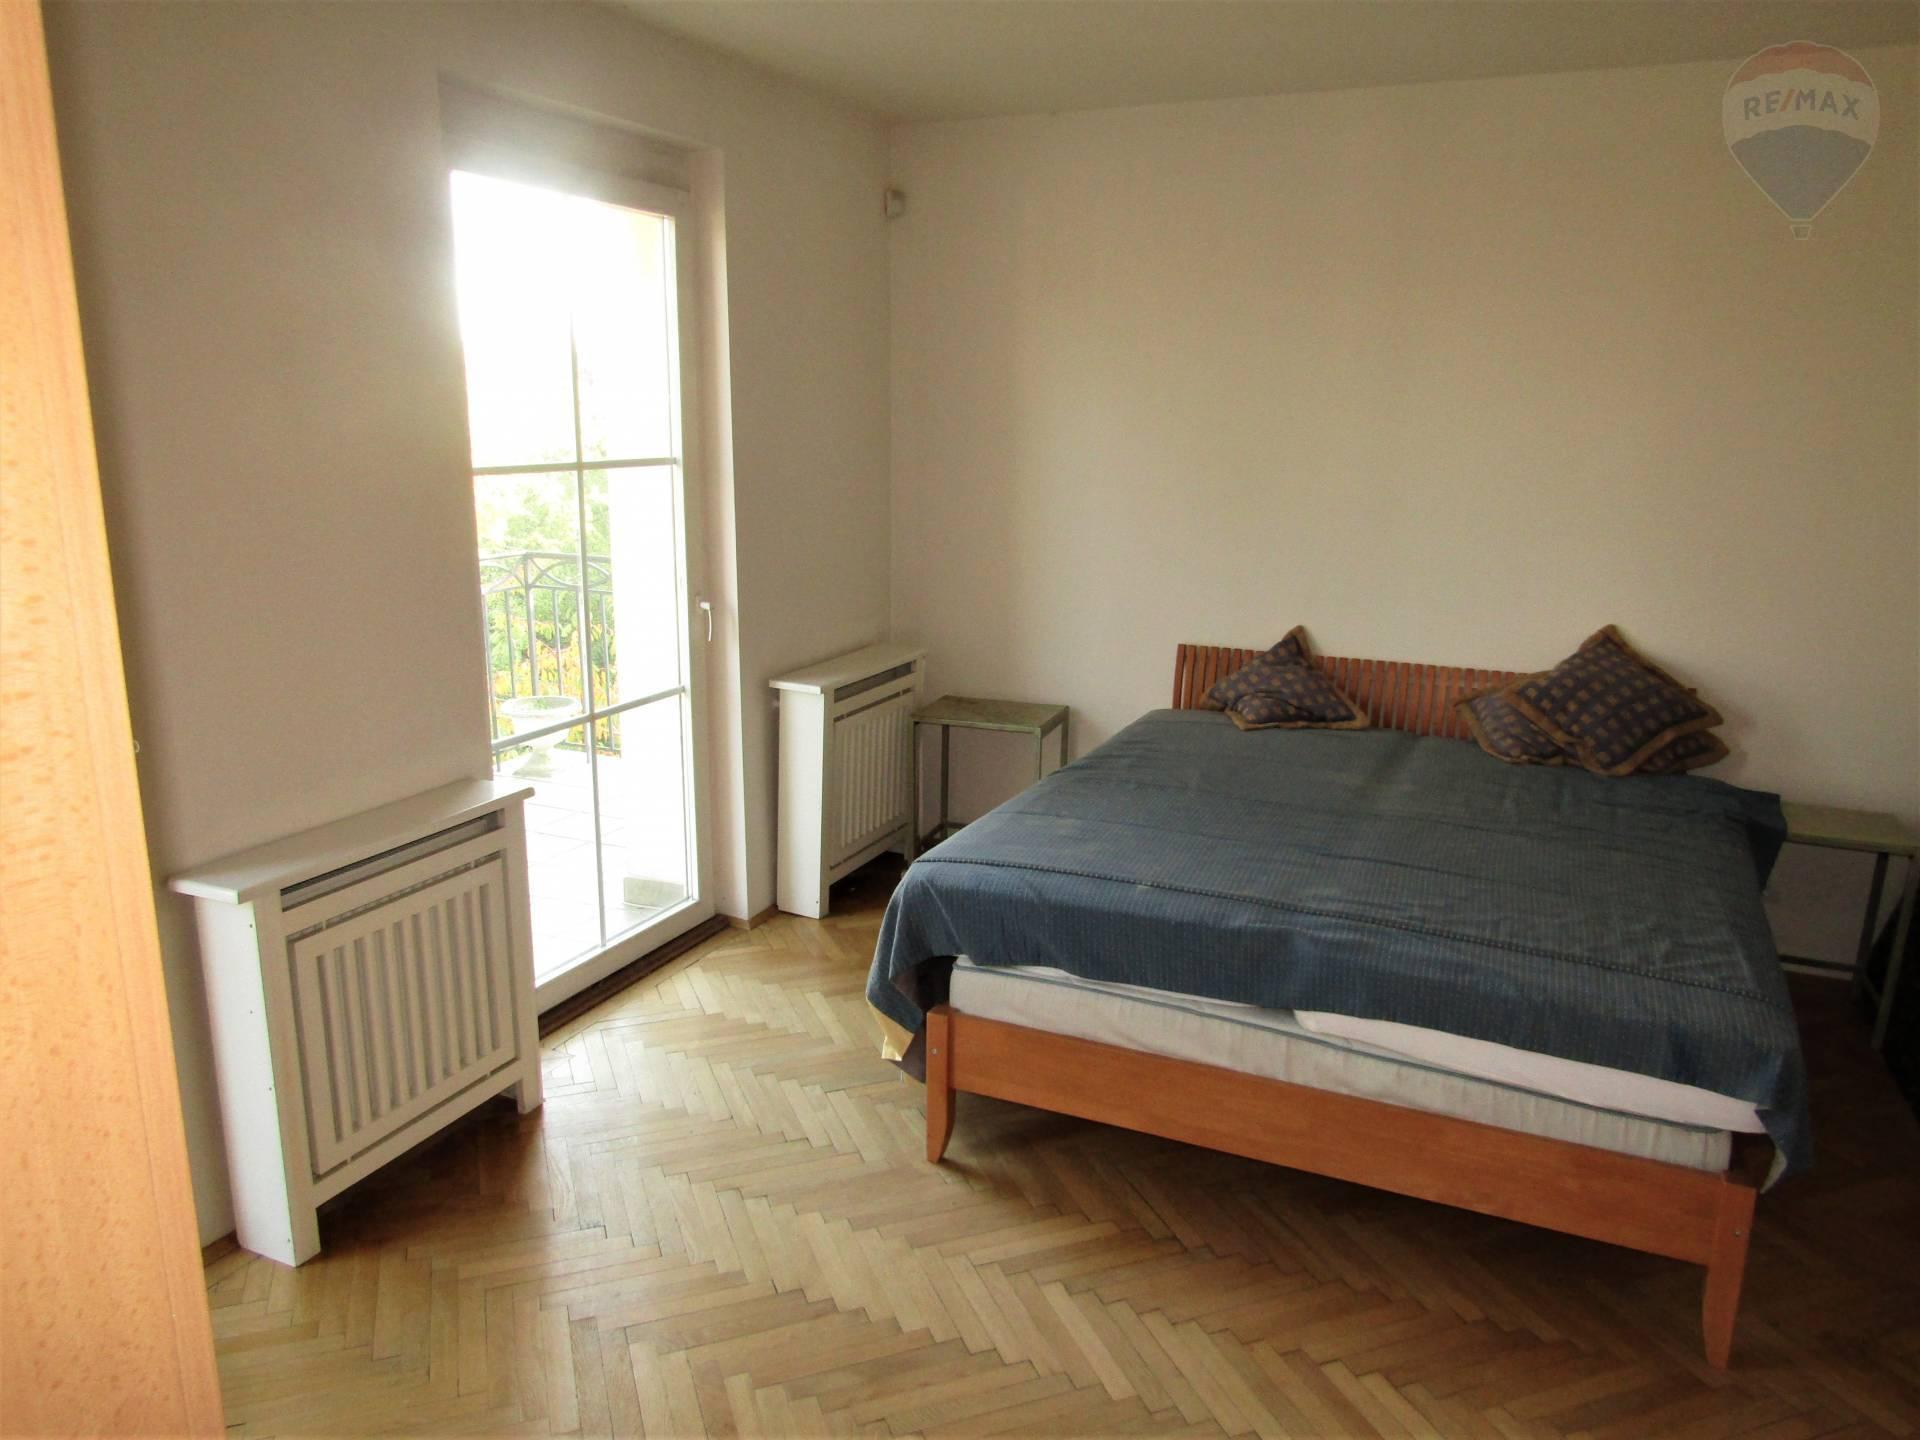 Predaj domu 340 m2, Bratislava - Staré Mesto - Predaj vila Tvarožkova BA I, Palisády